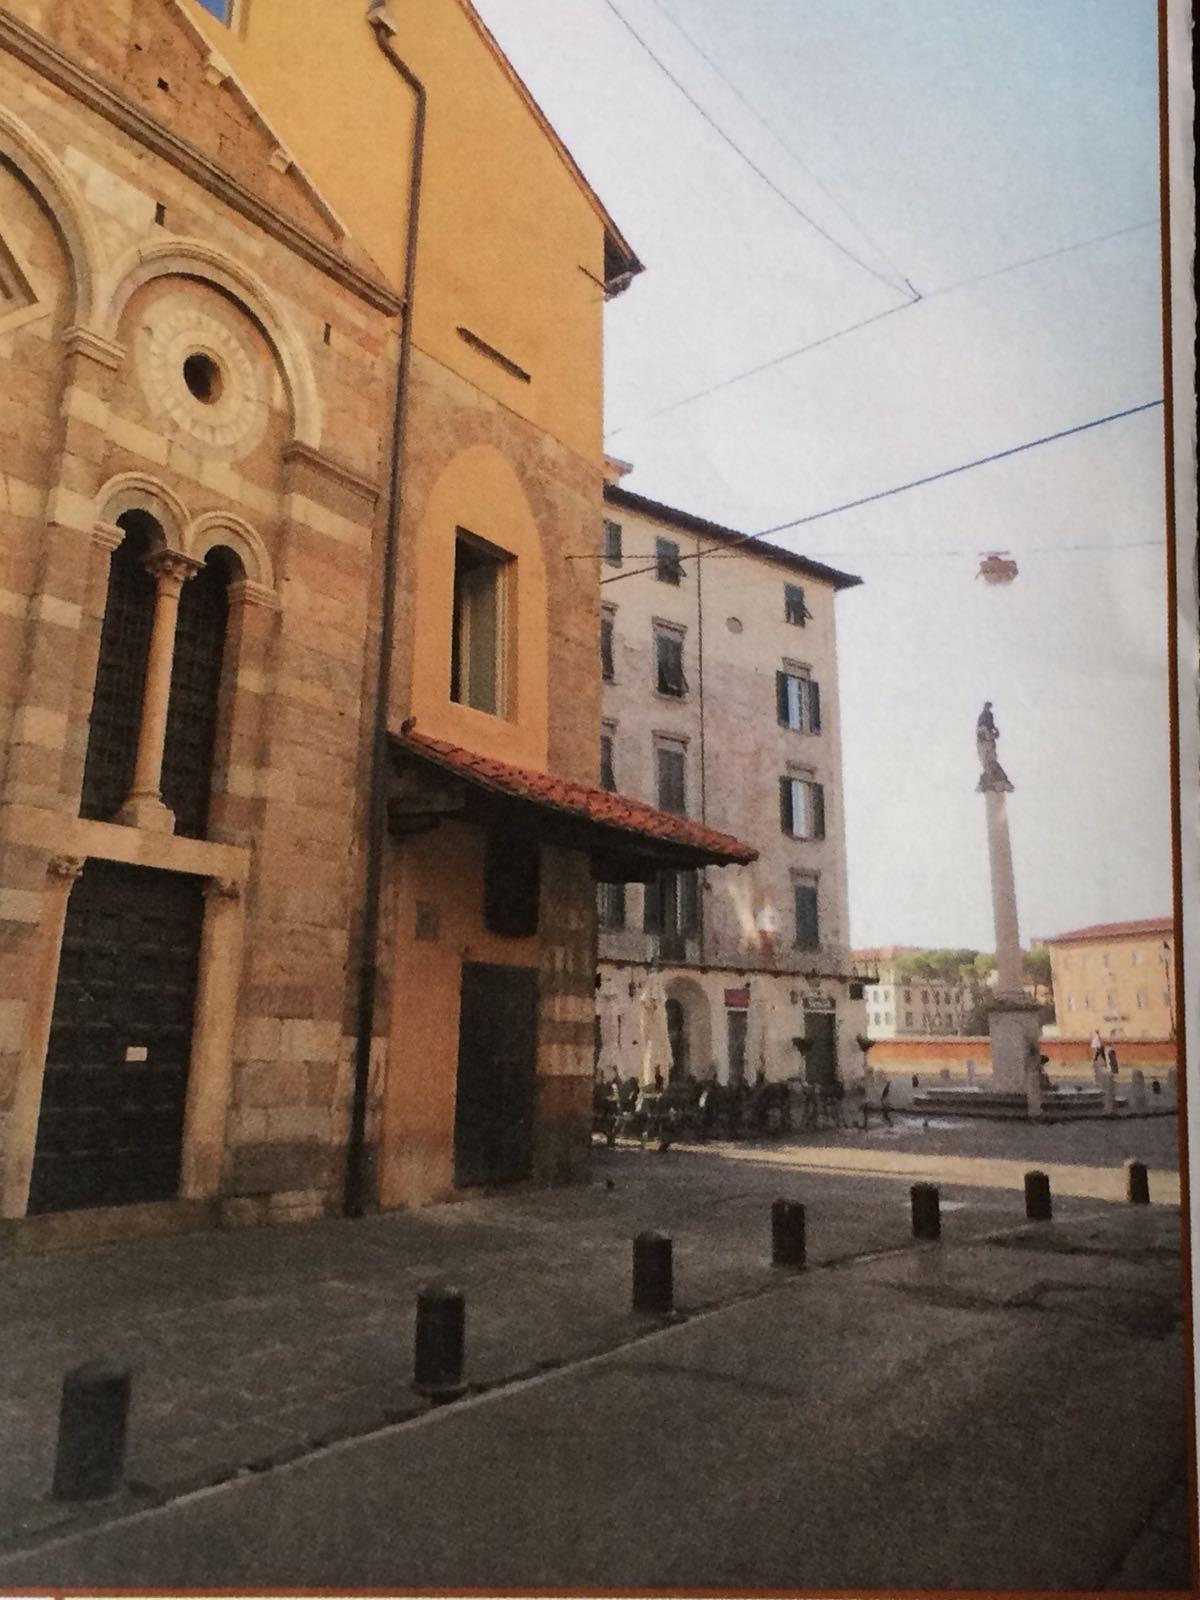 NEGOZIO in Affitto a Centro storico, Pisa (PISA)